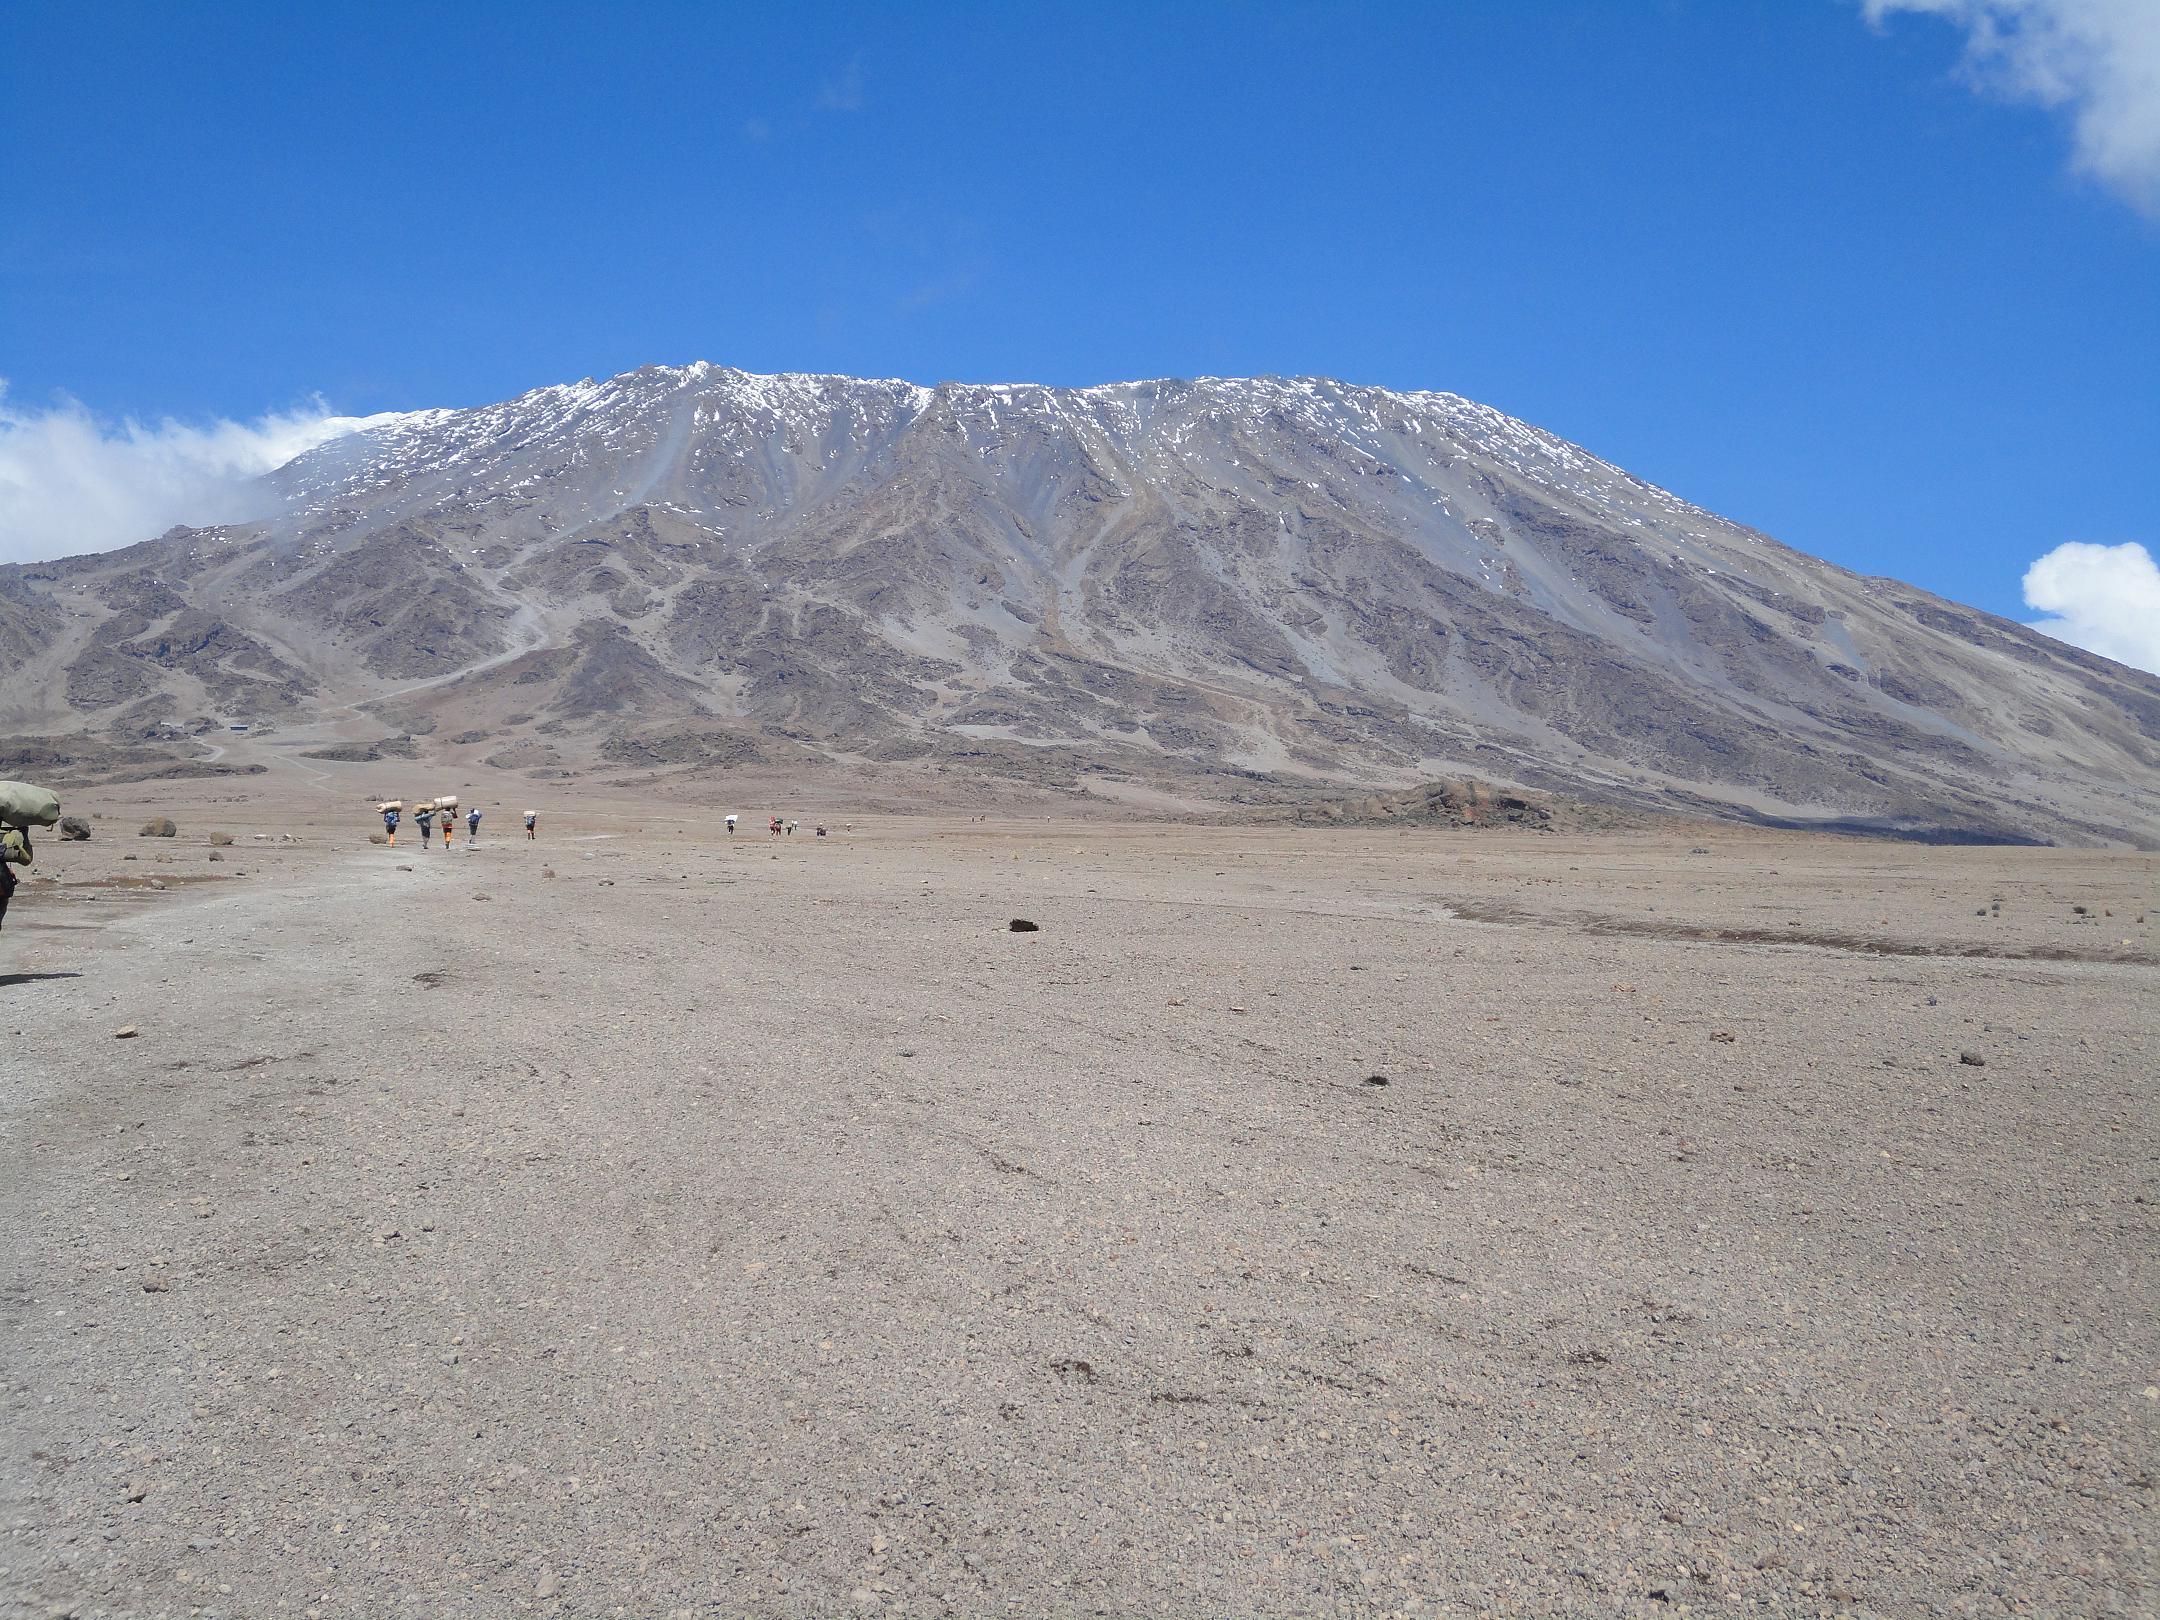 Der Kilimanjaro - gesehen von der alpinen Wüste auf 4.500 Meter Höhe (C) privat